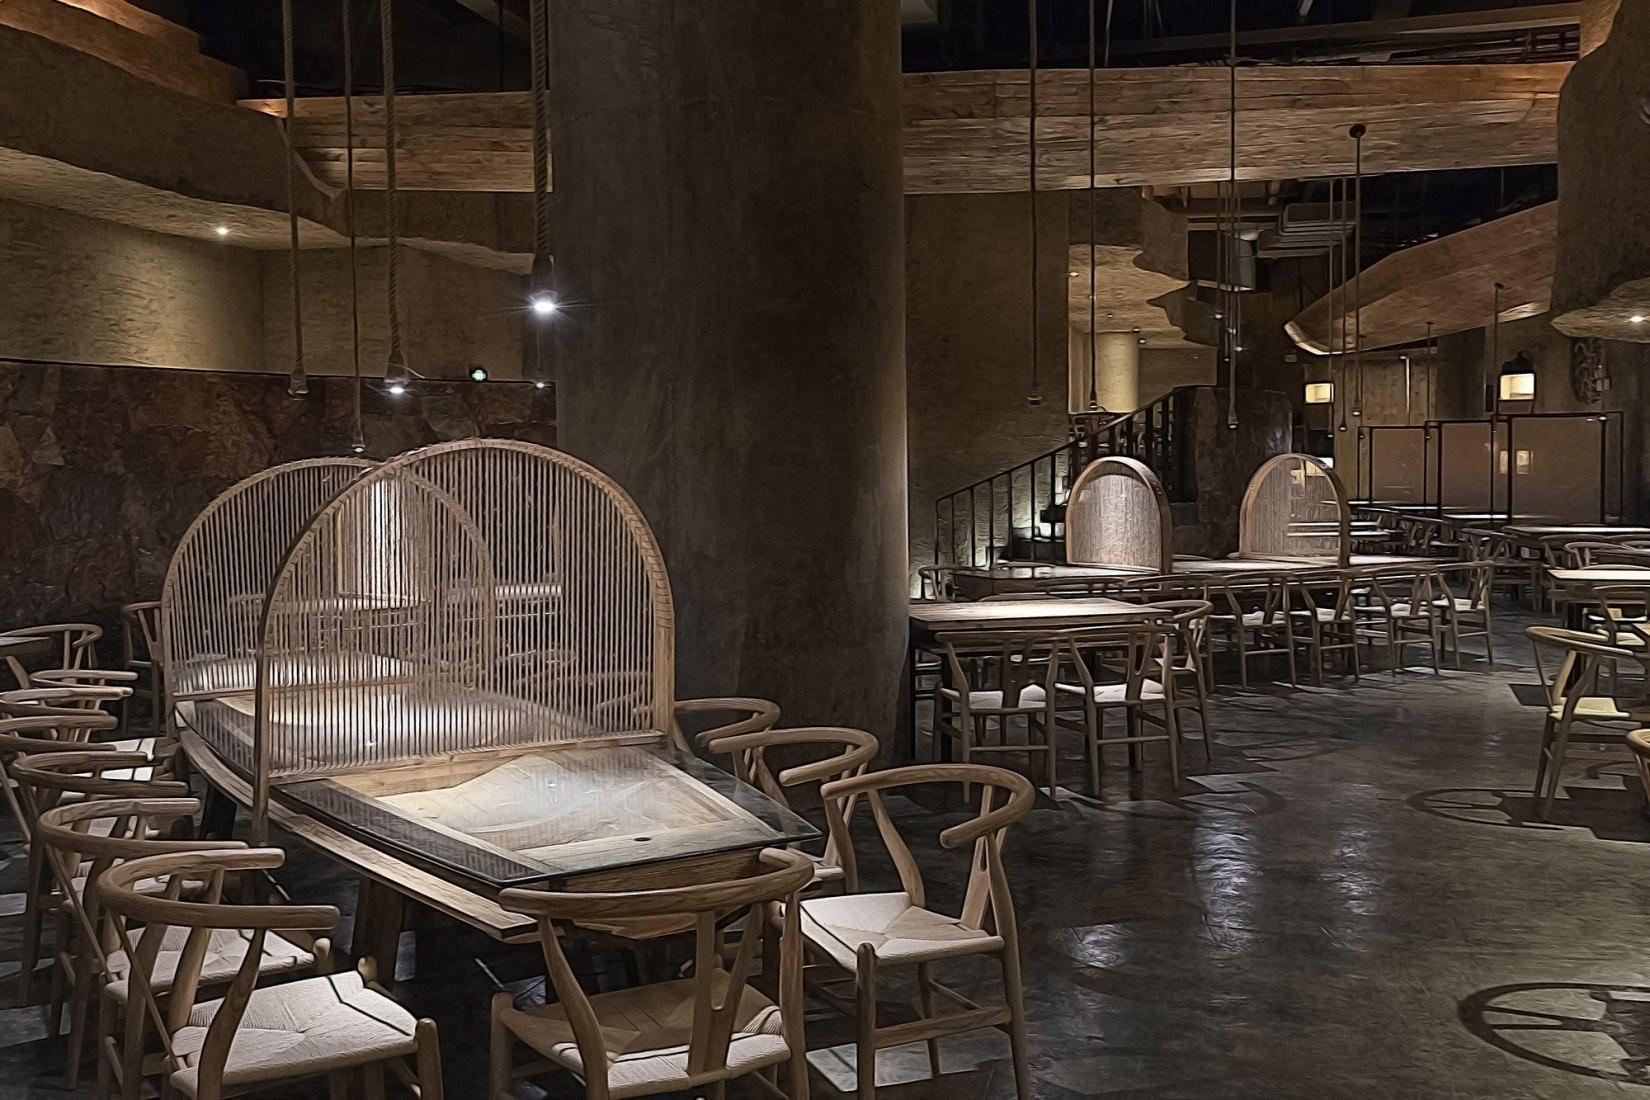 Restaurante Pu Zao por Xu Xu-Jun. Fotografía © Xu Xu-Jun